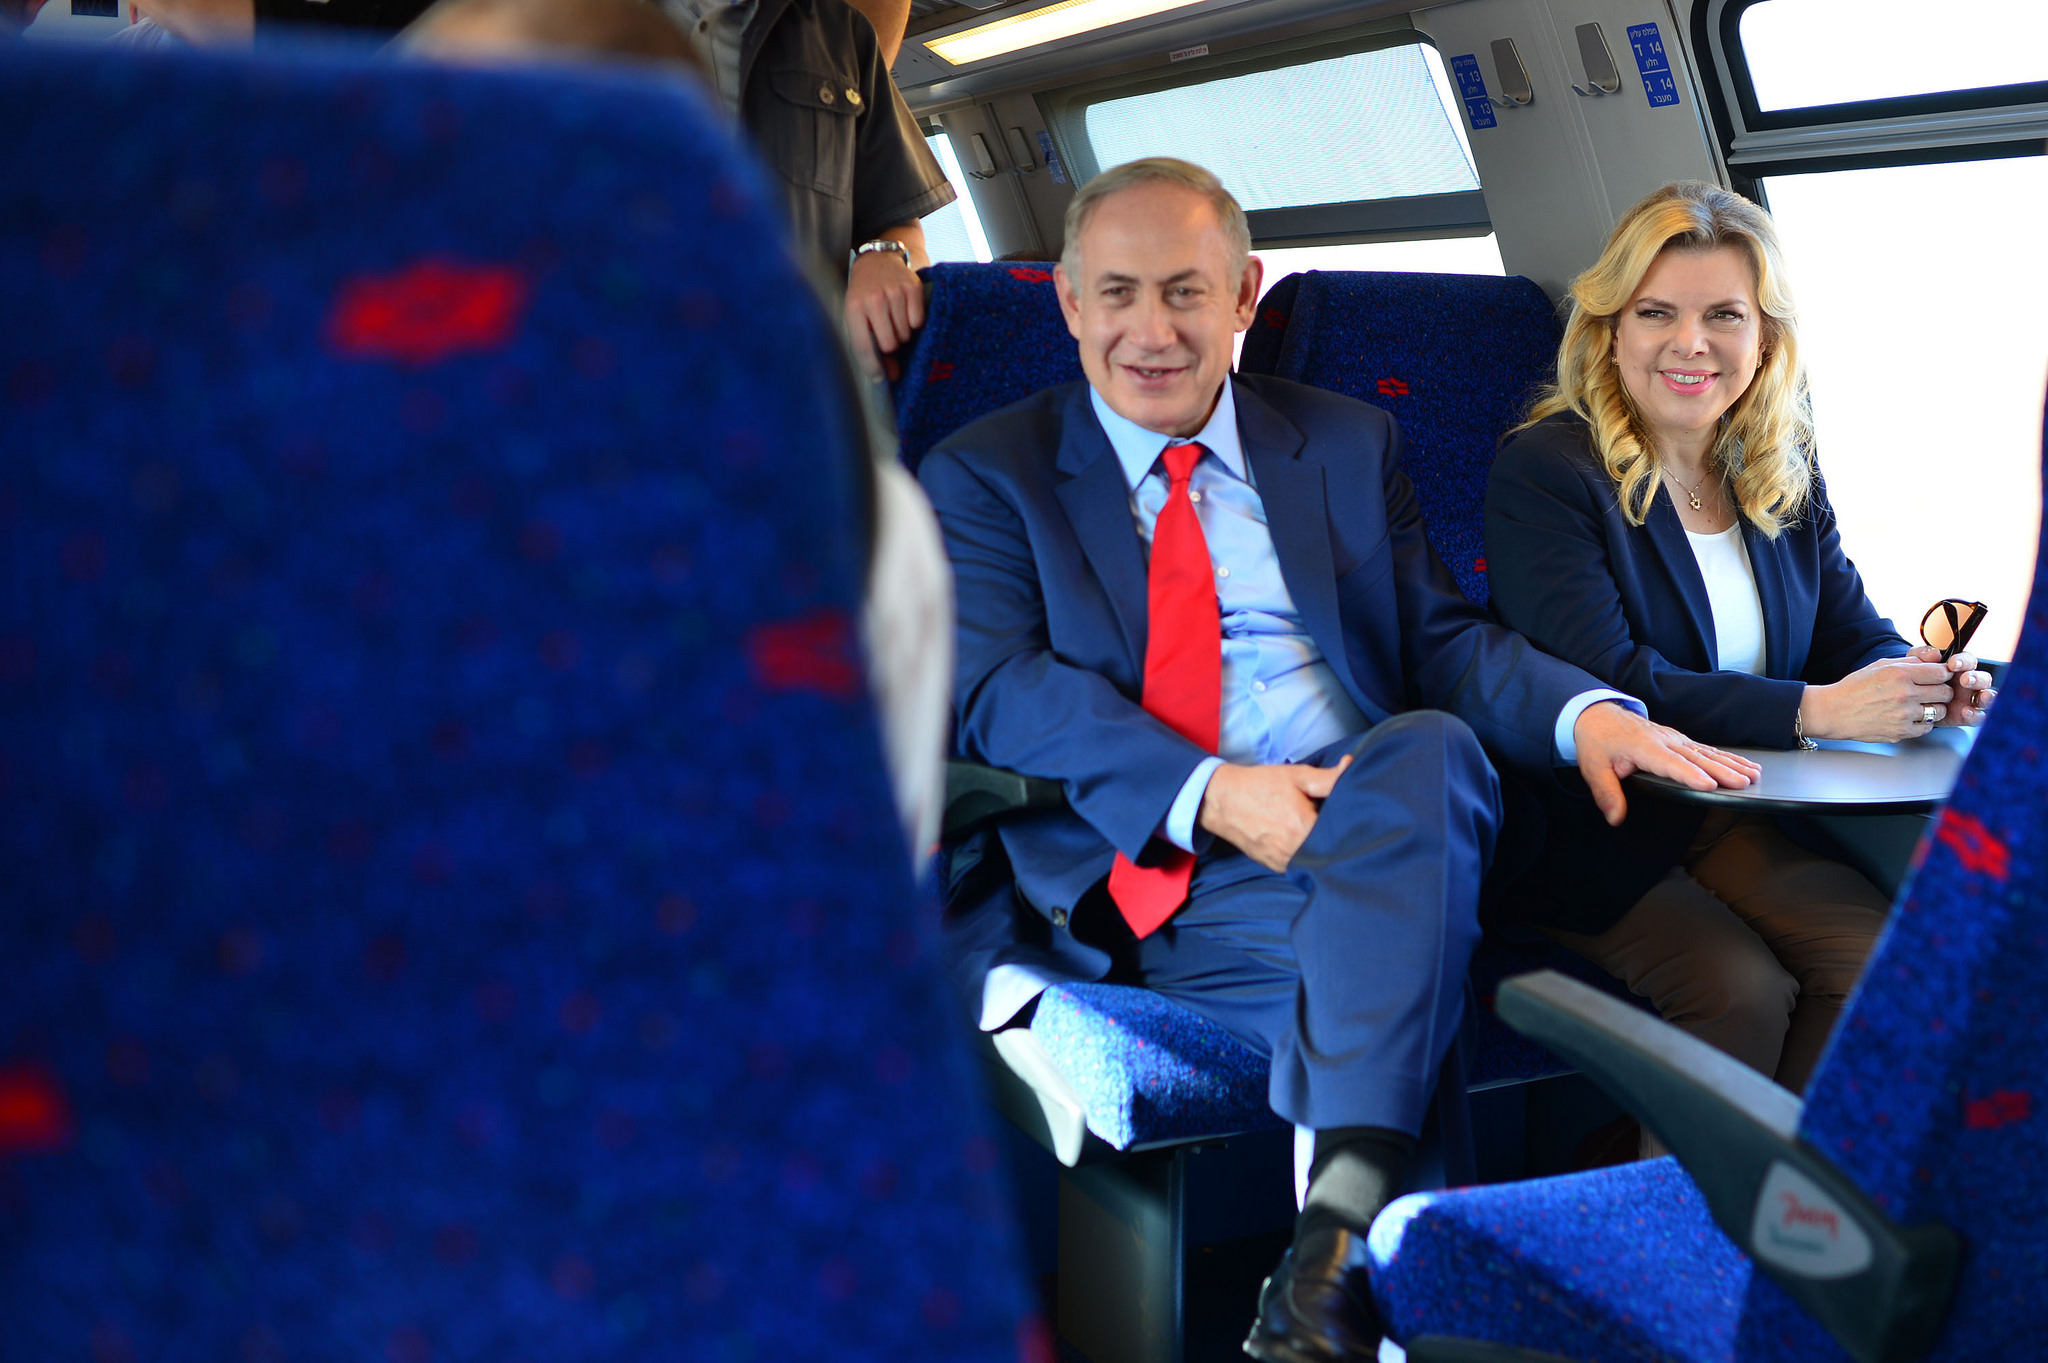 """שרה נתניהו ובעלה, ראש הממשלה בנימין נתניהו, בחנוכת רכבת העמק 📸 קובי גדעון, לע""""מ"""